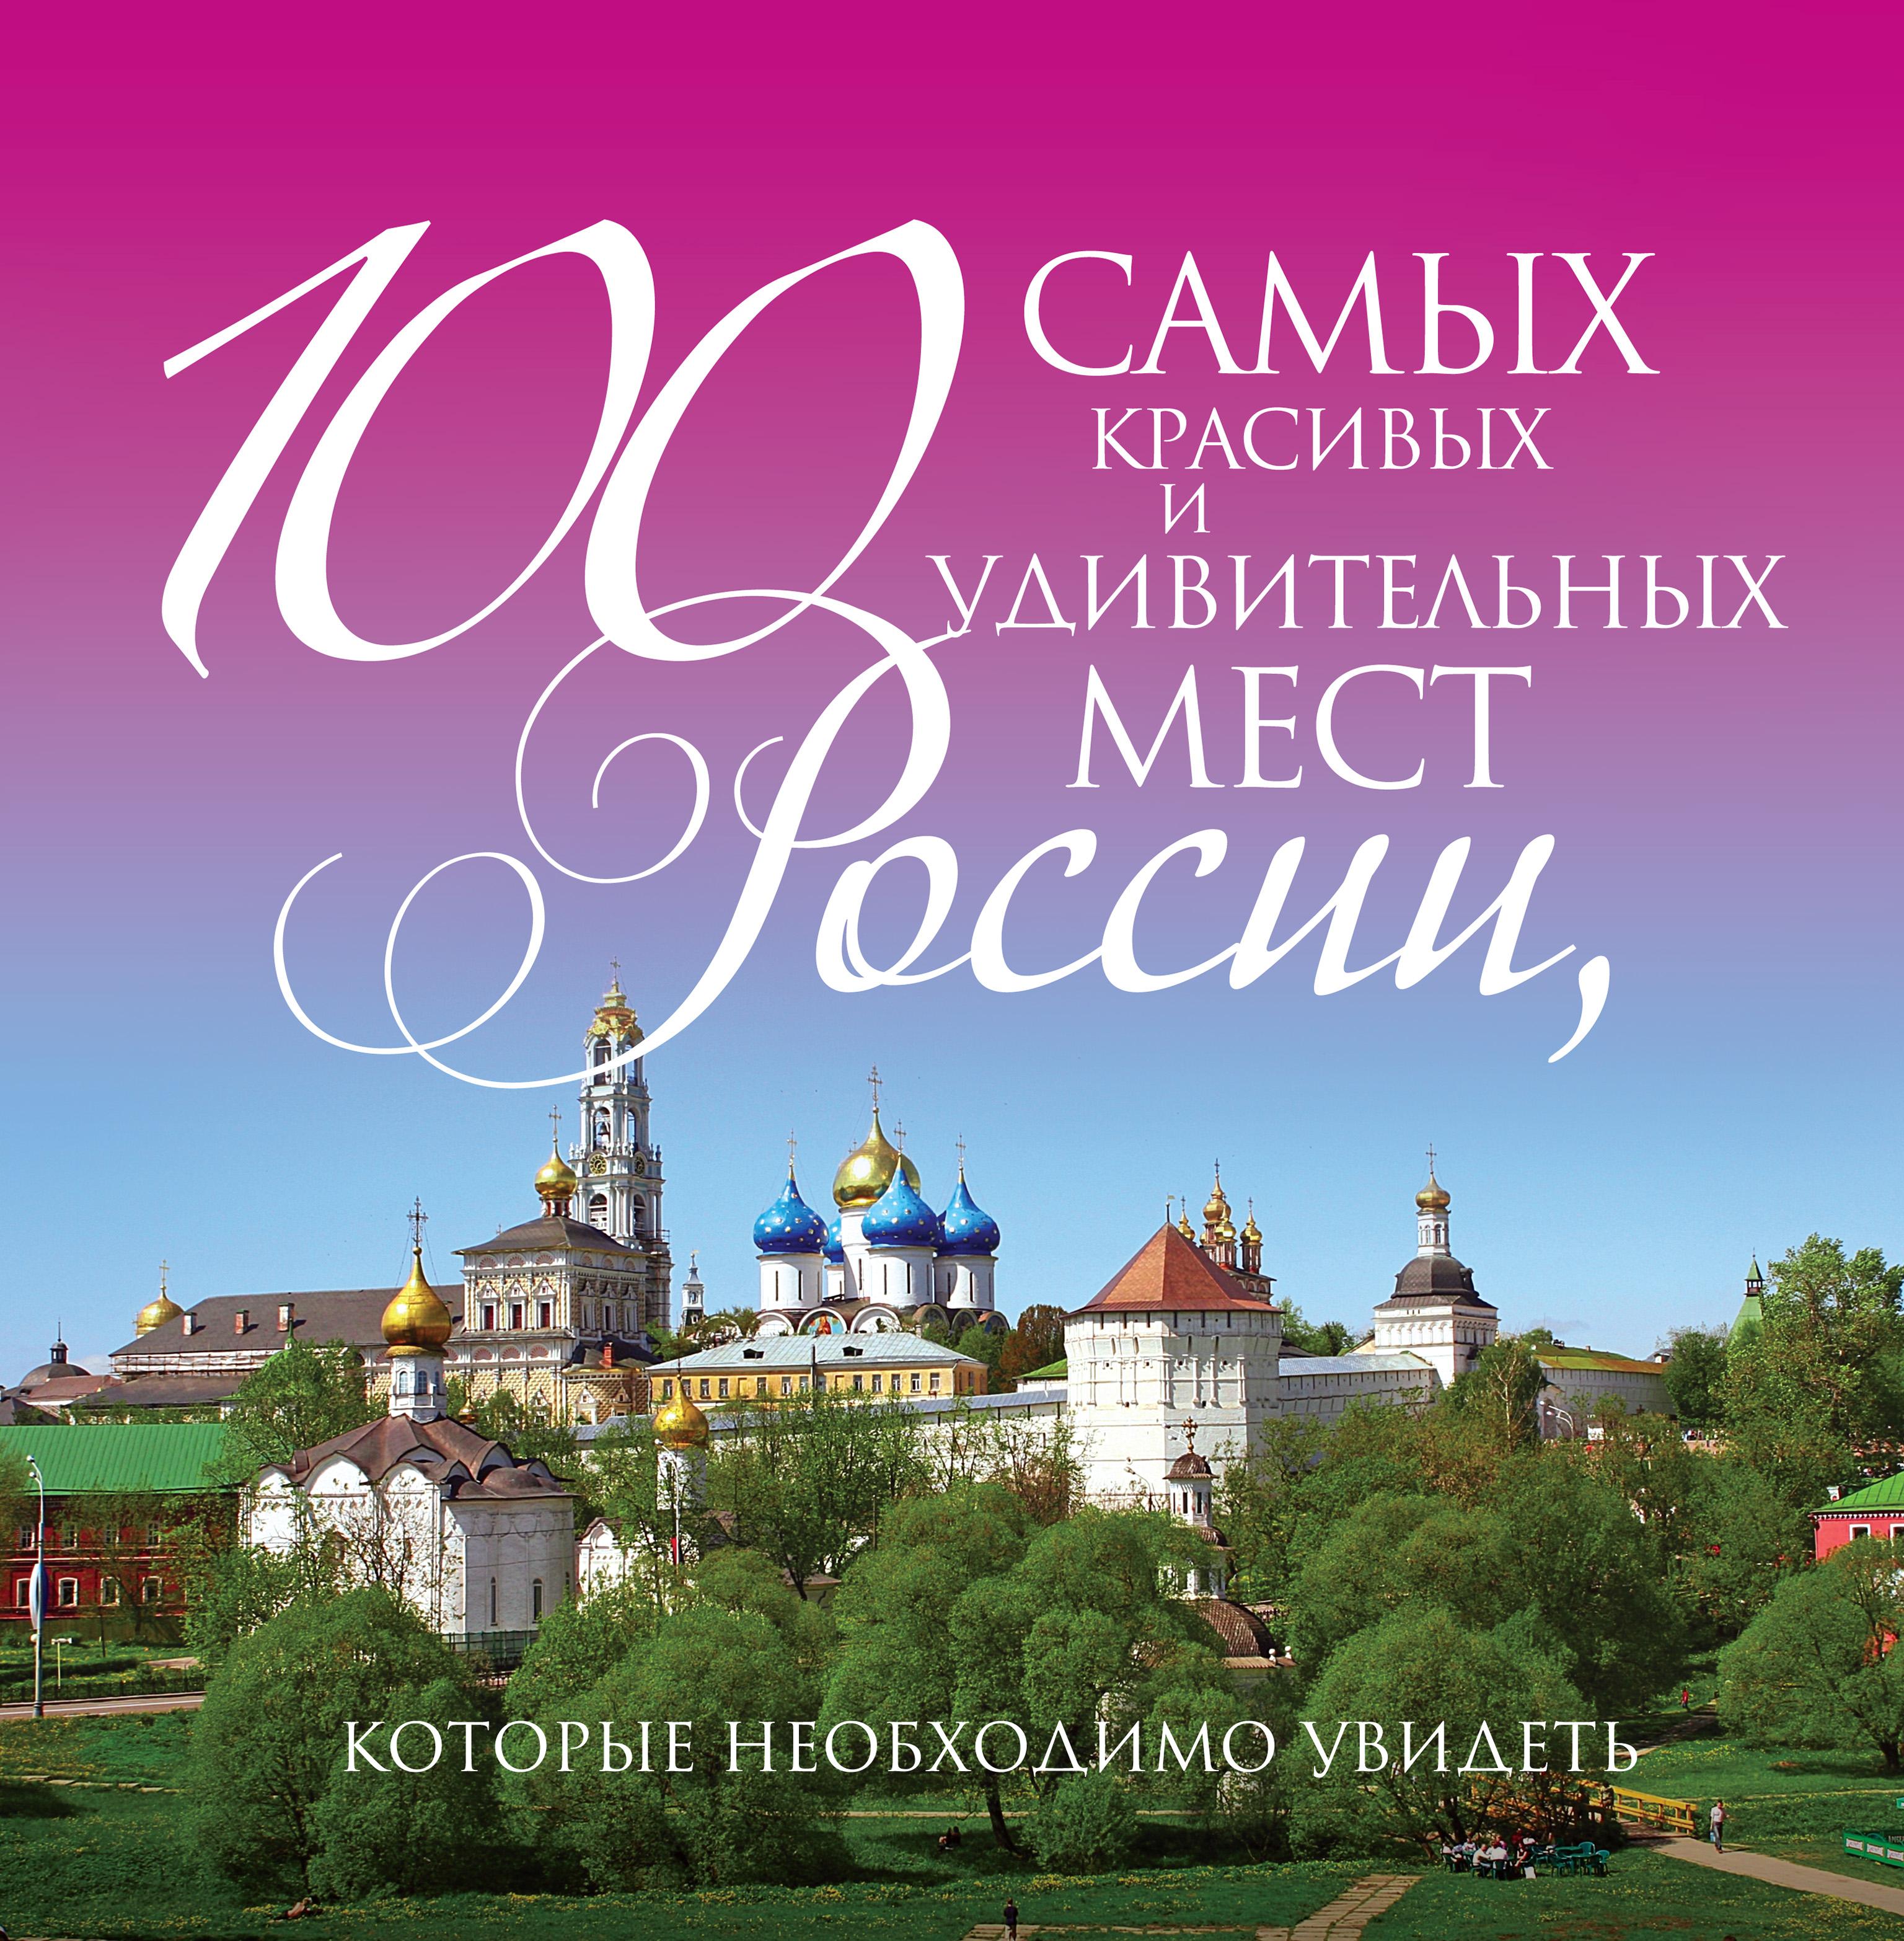 100самых красивых и удивительных мест России, которые необходимо увидеть